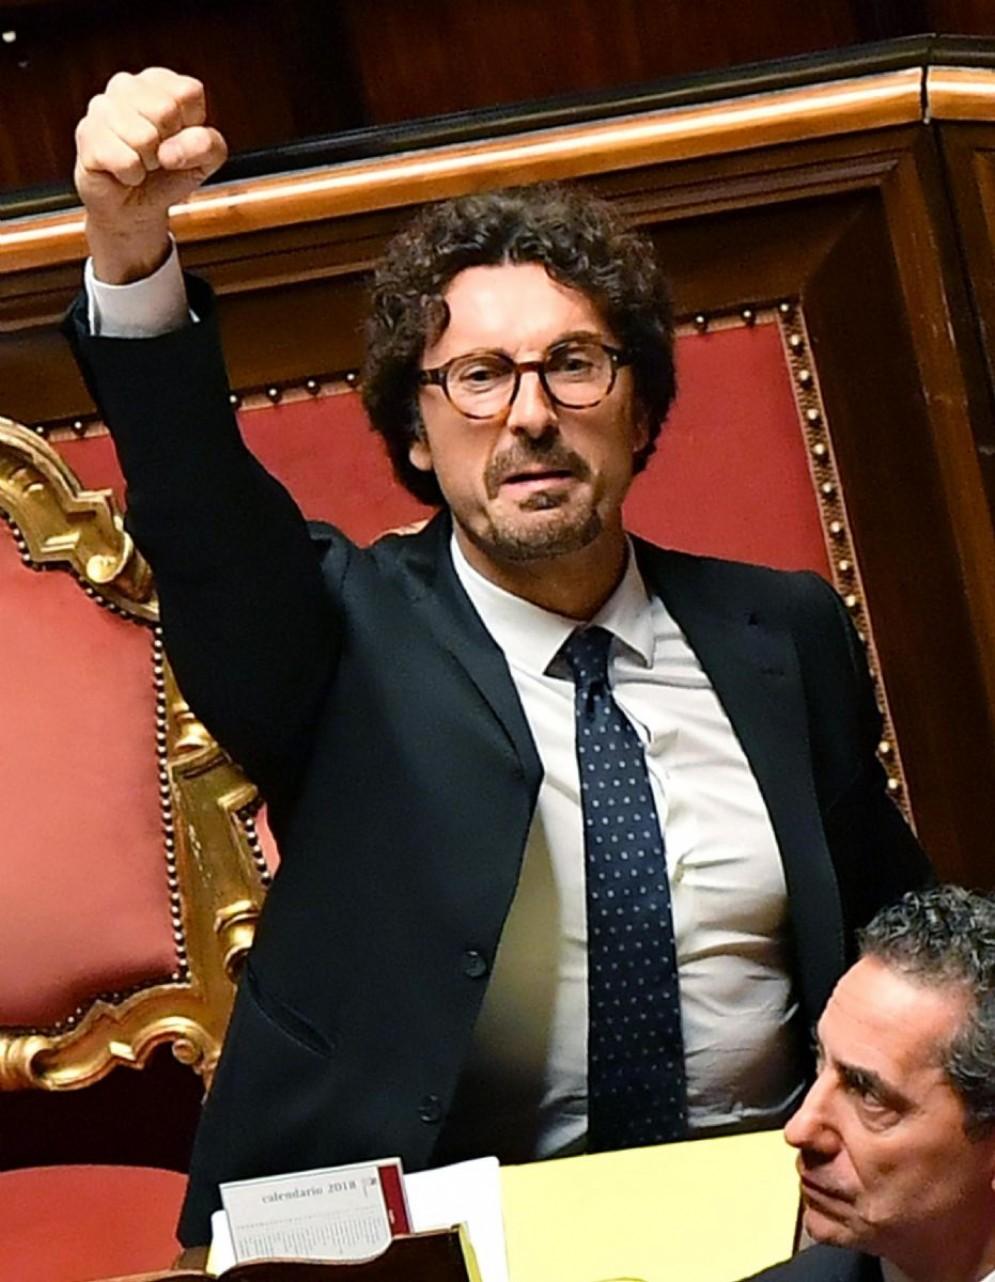 Il ministro delle Infrastrutture e dei Trasporti, Danilo Toninelli, durante il voto sul Dl Genova al Senato